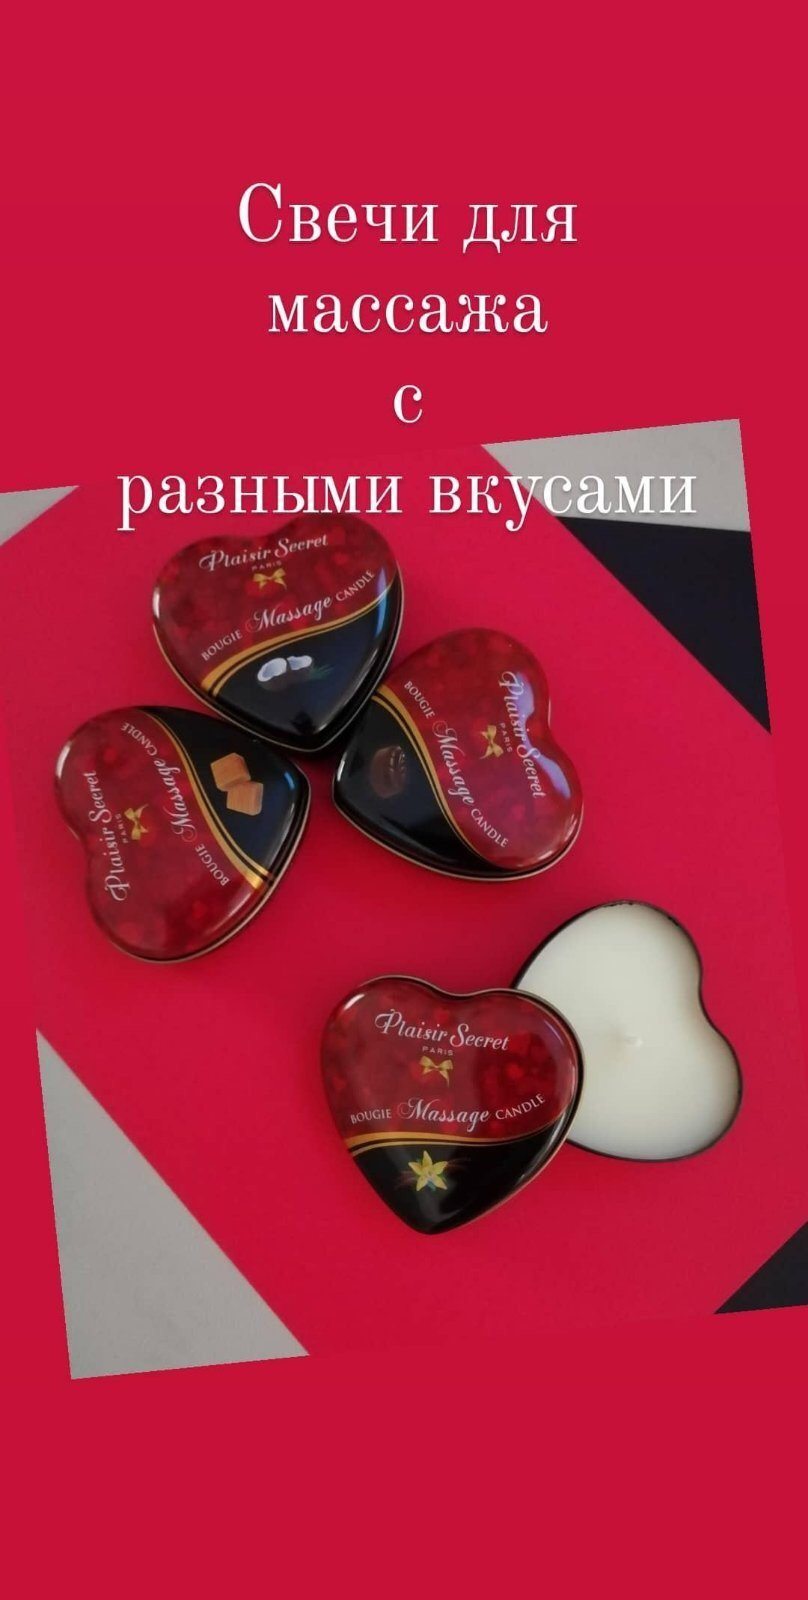 Подборка подарков на 8 марта от сайта 06153.сom.ua, фото-81